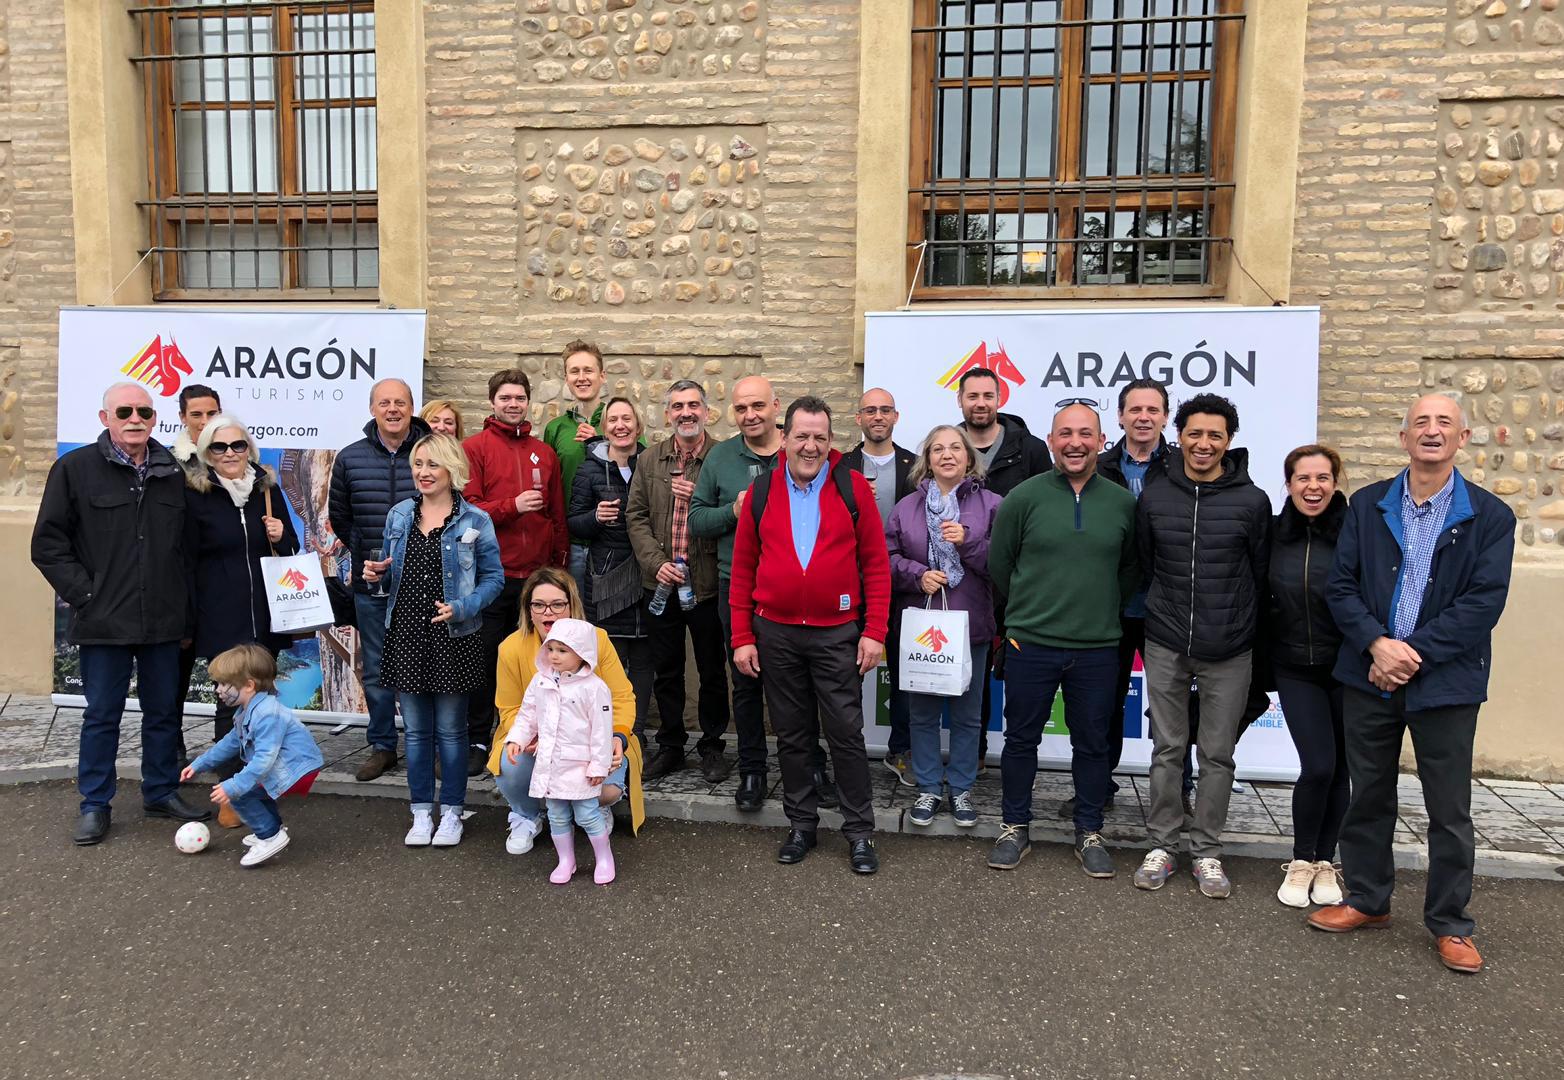 El Pignatelli brindó con Enoturismo de Aragón por el Día de San Jorge